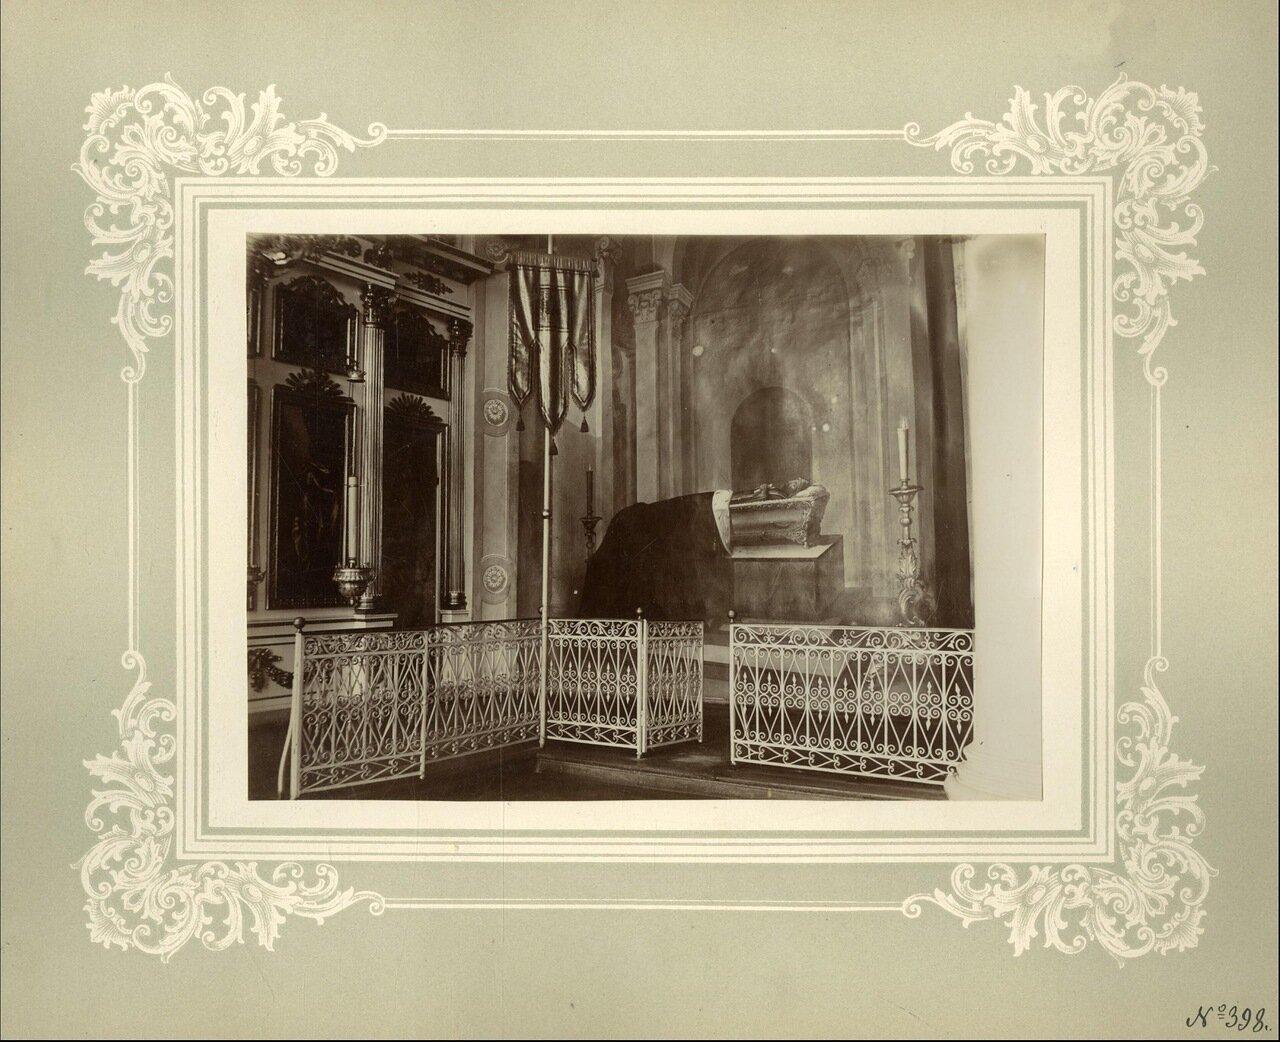 Изображение бл. вел. кн. Александра Невского (в схиме) на южной стене в Александро-Невской церкви